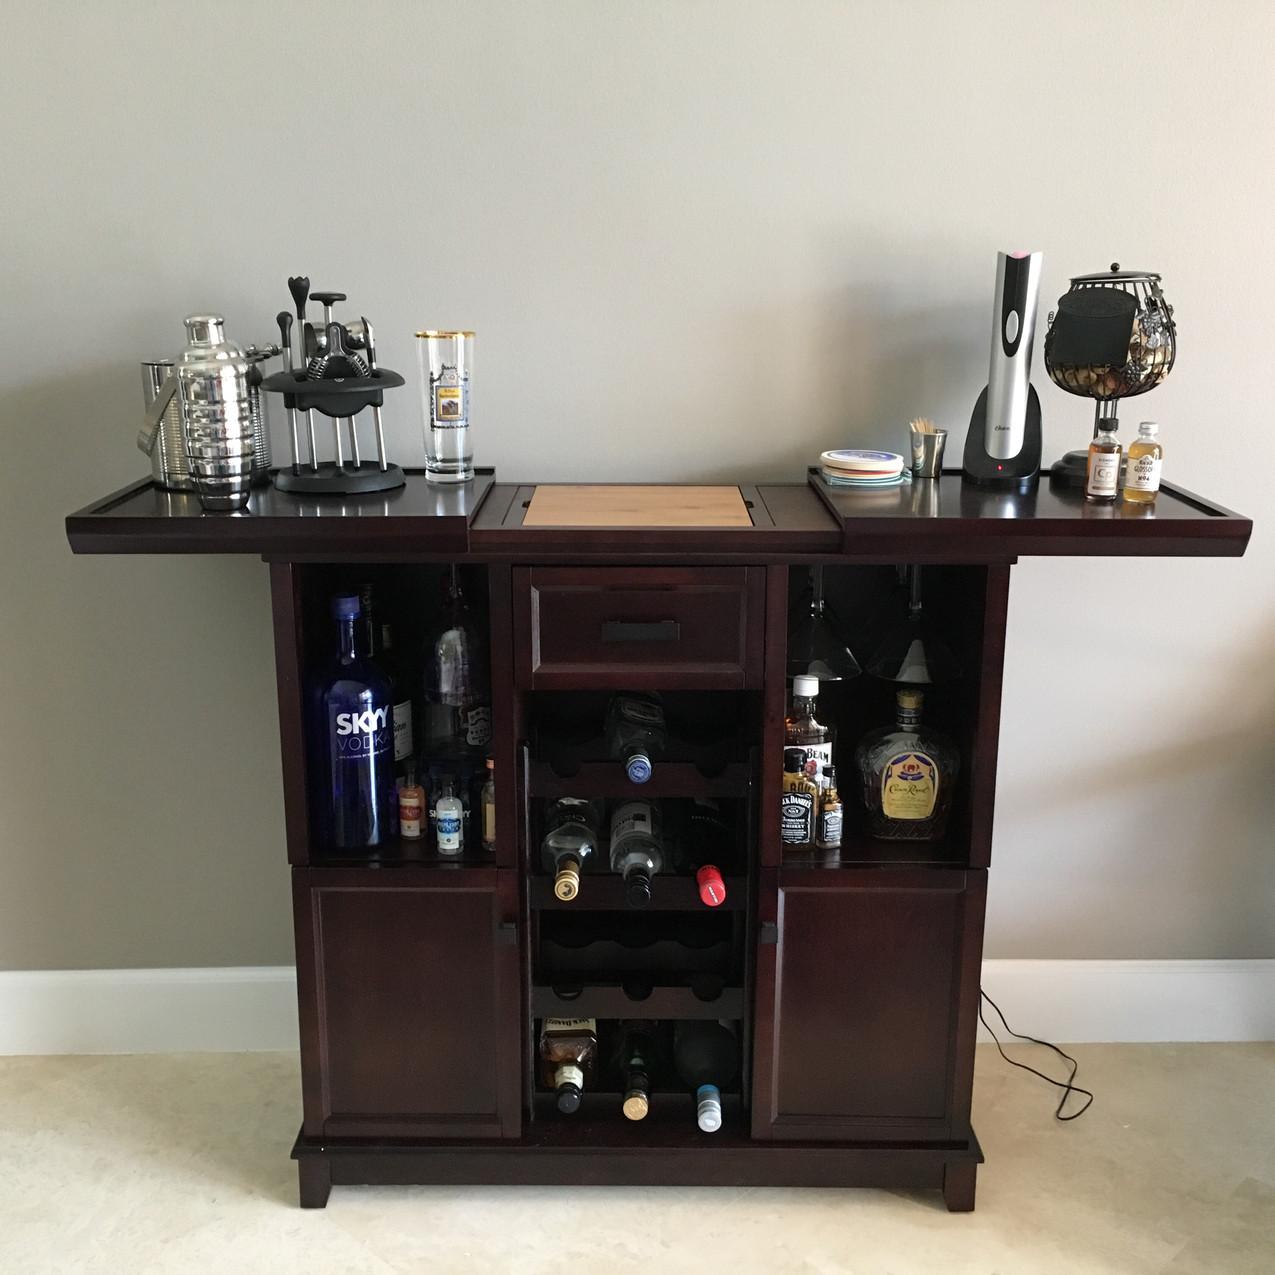 Brad builds a empty nester's bar